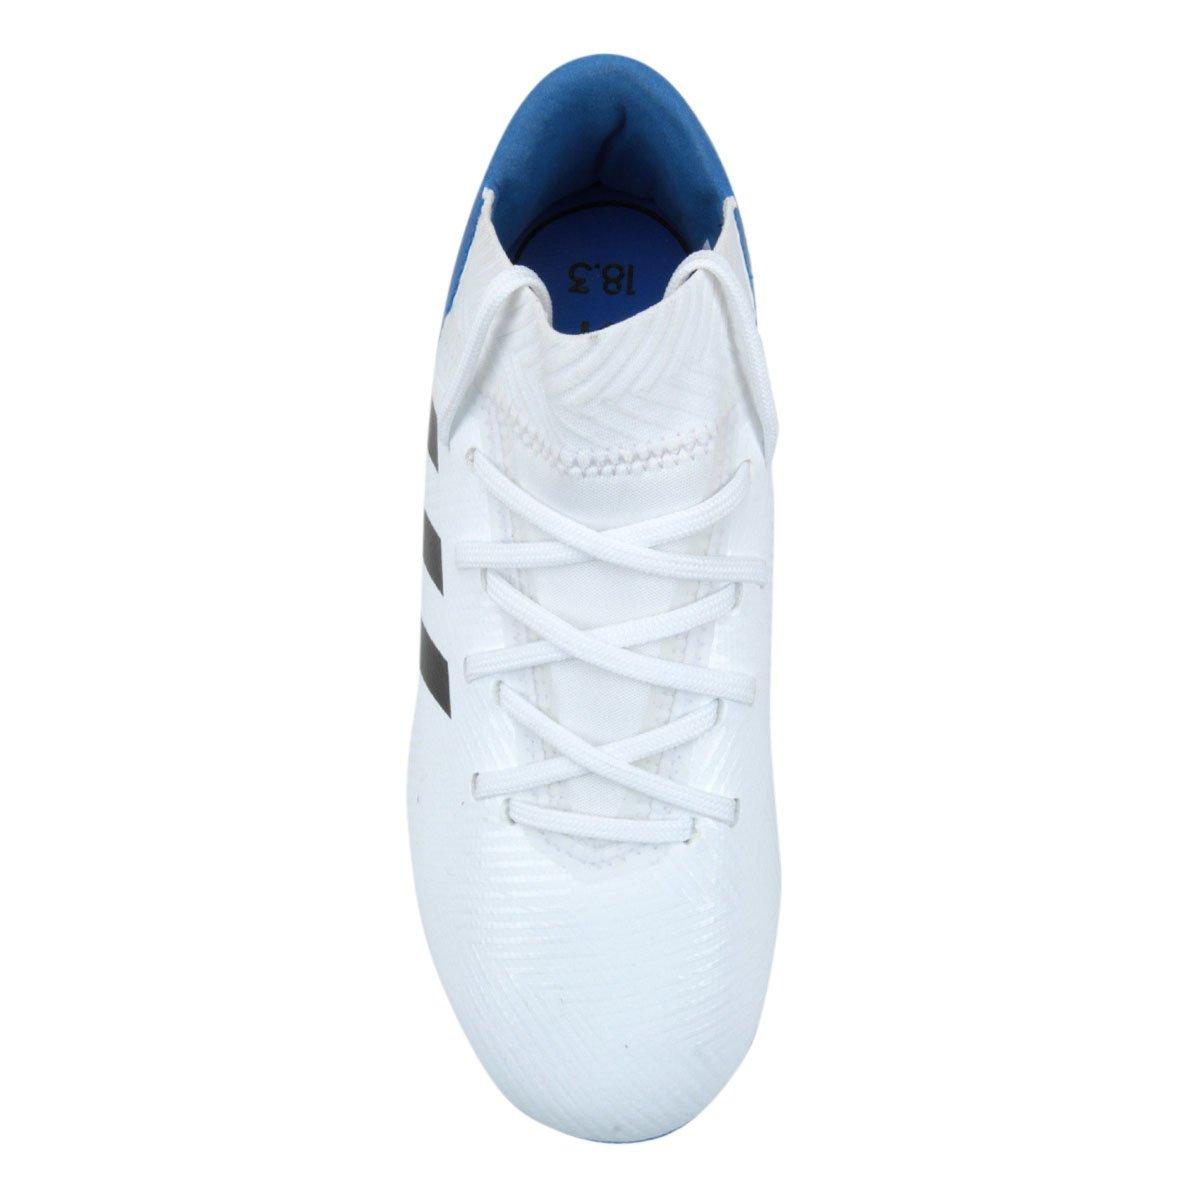 Chuteira Campo Infantil Adidas Nemeziz Messi 18 3 FG - Branco e ... 10b15994fd190